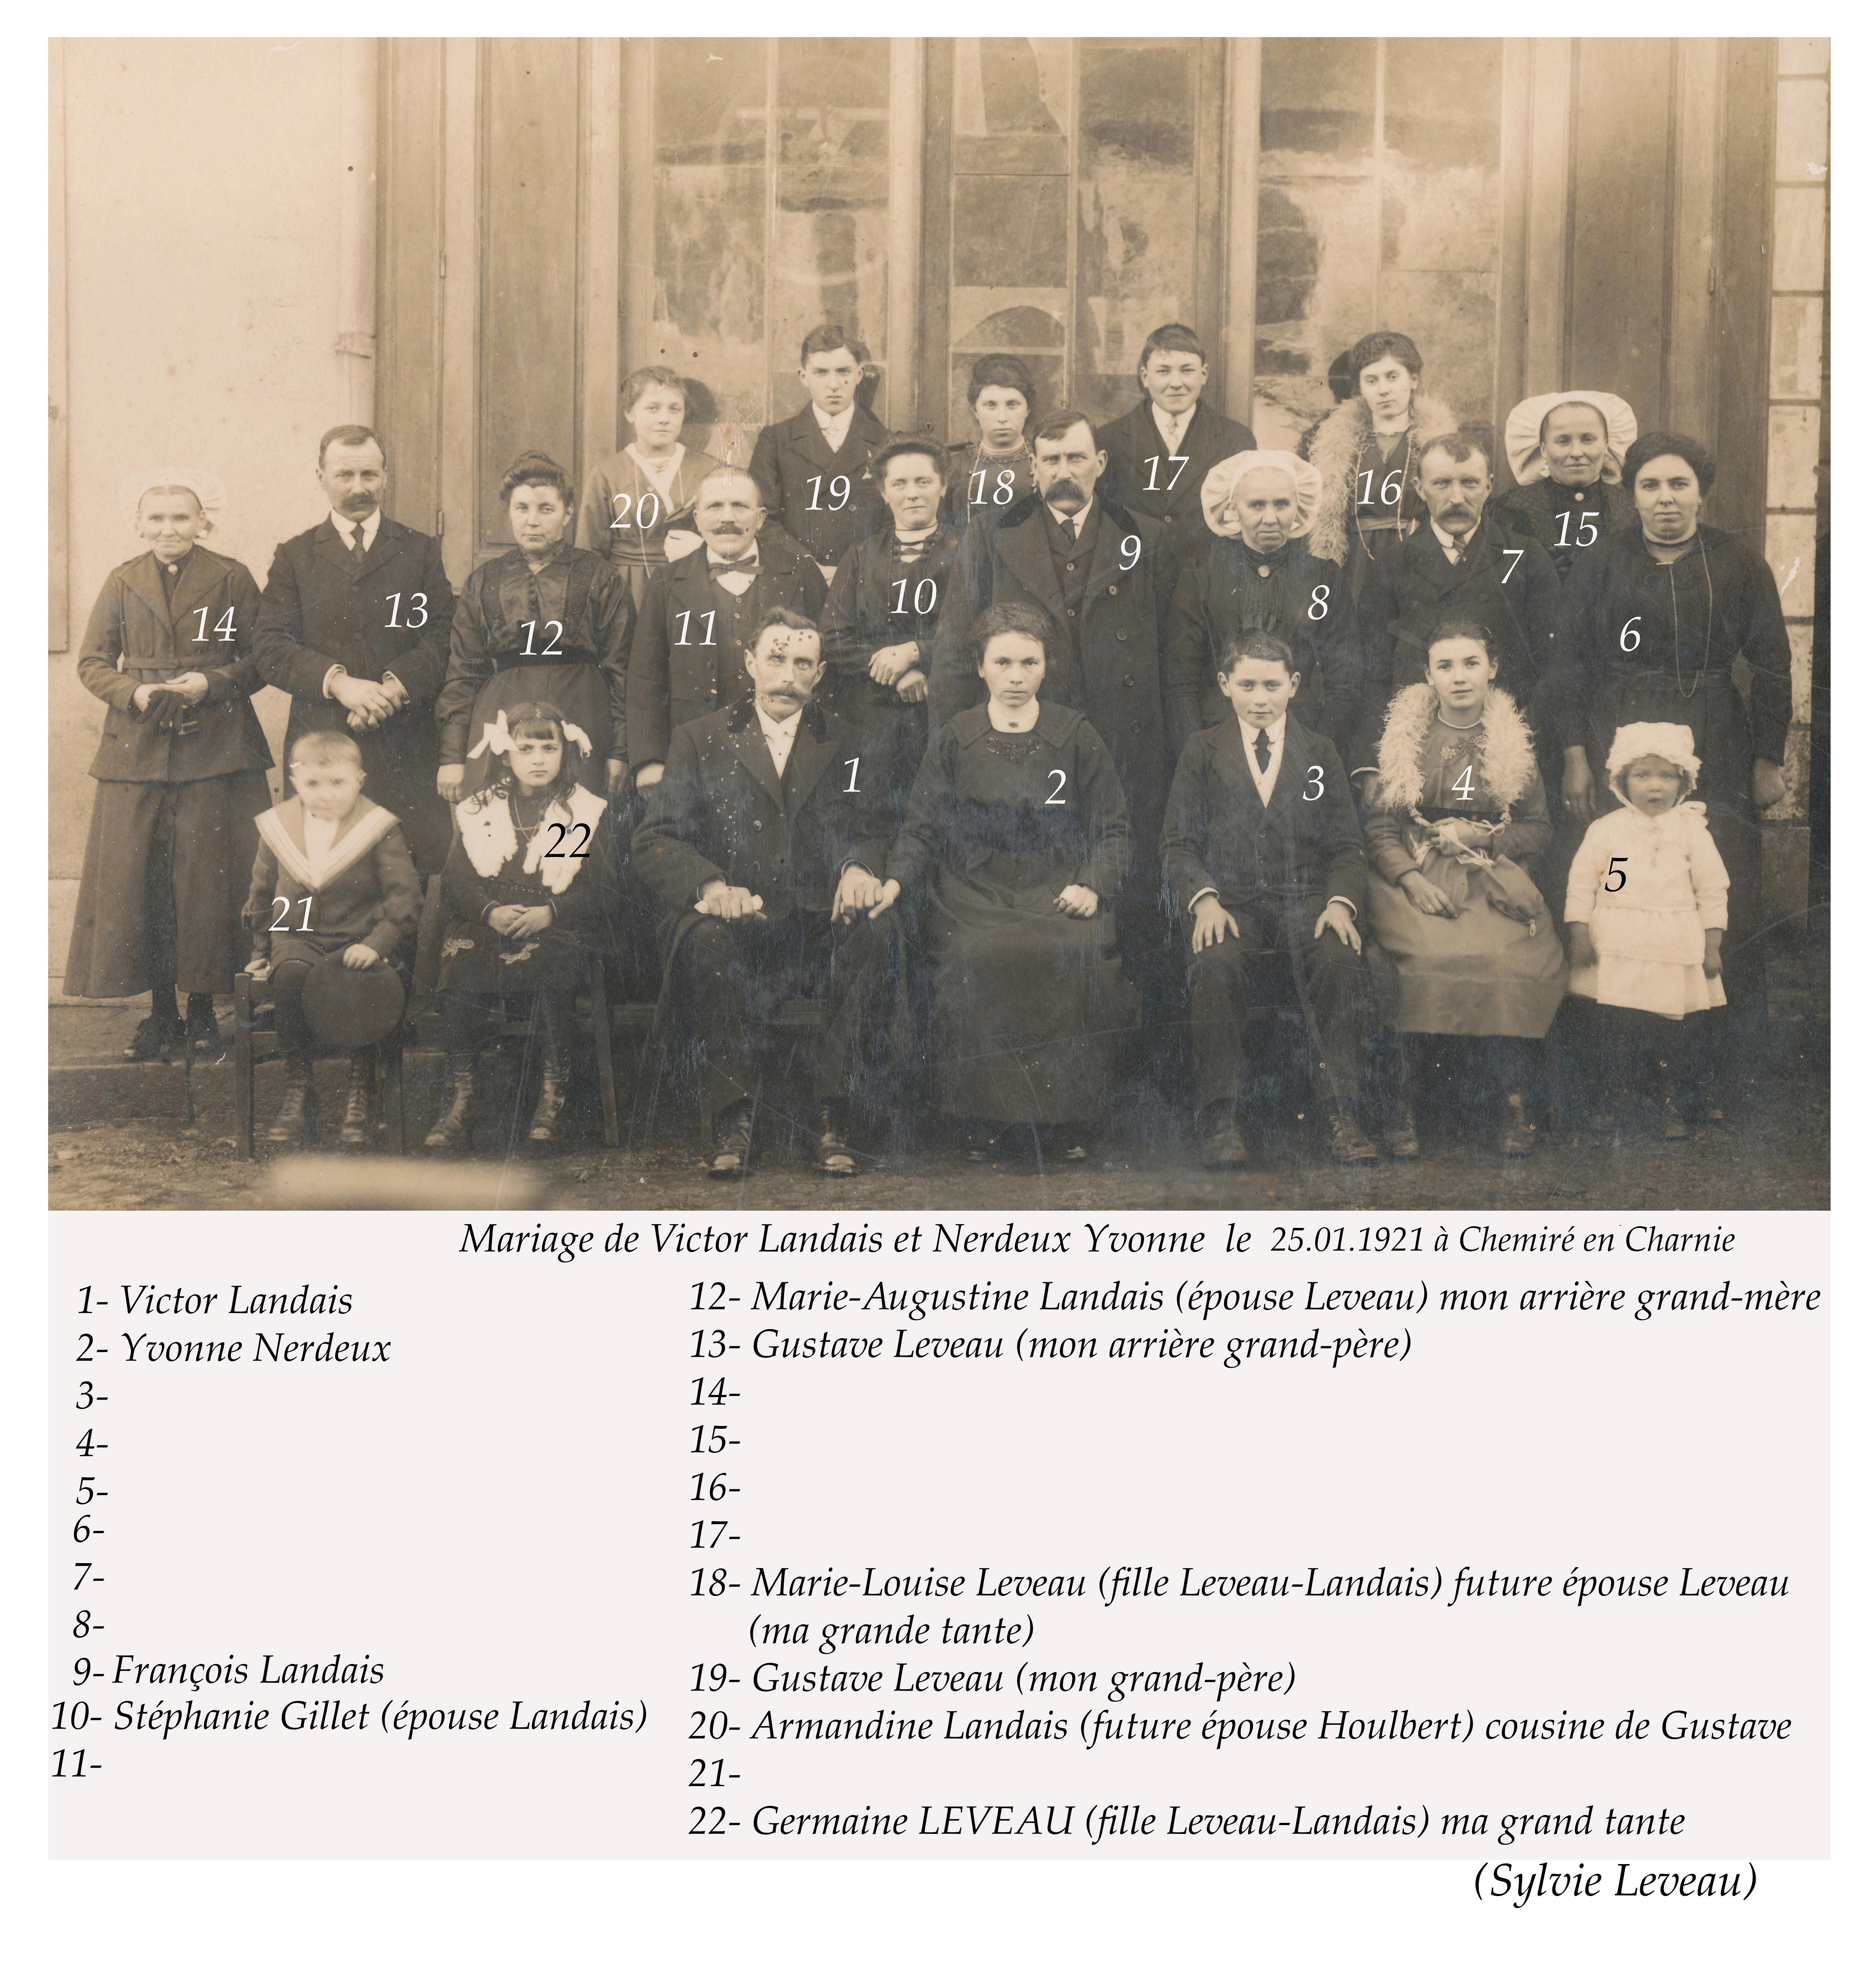 Chemiré en Charnie - Mariage - LANDAIS Victor et NERDEUX Yvonne - 25 janvier 1921 - Vue 02 (Sylvie Leveau)